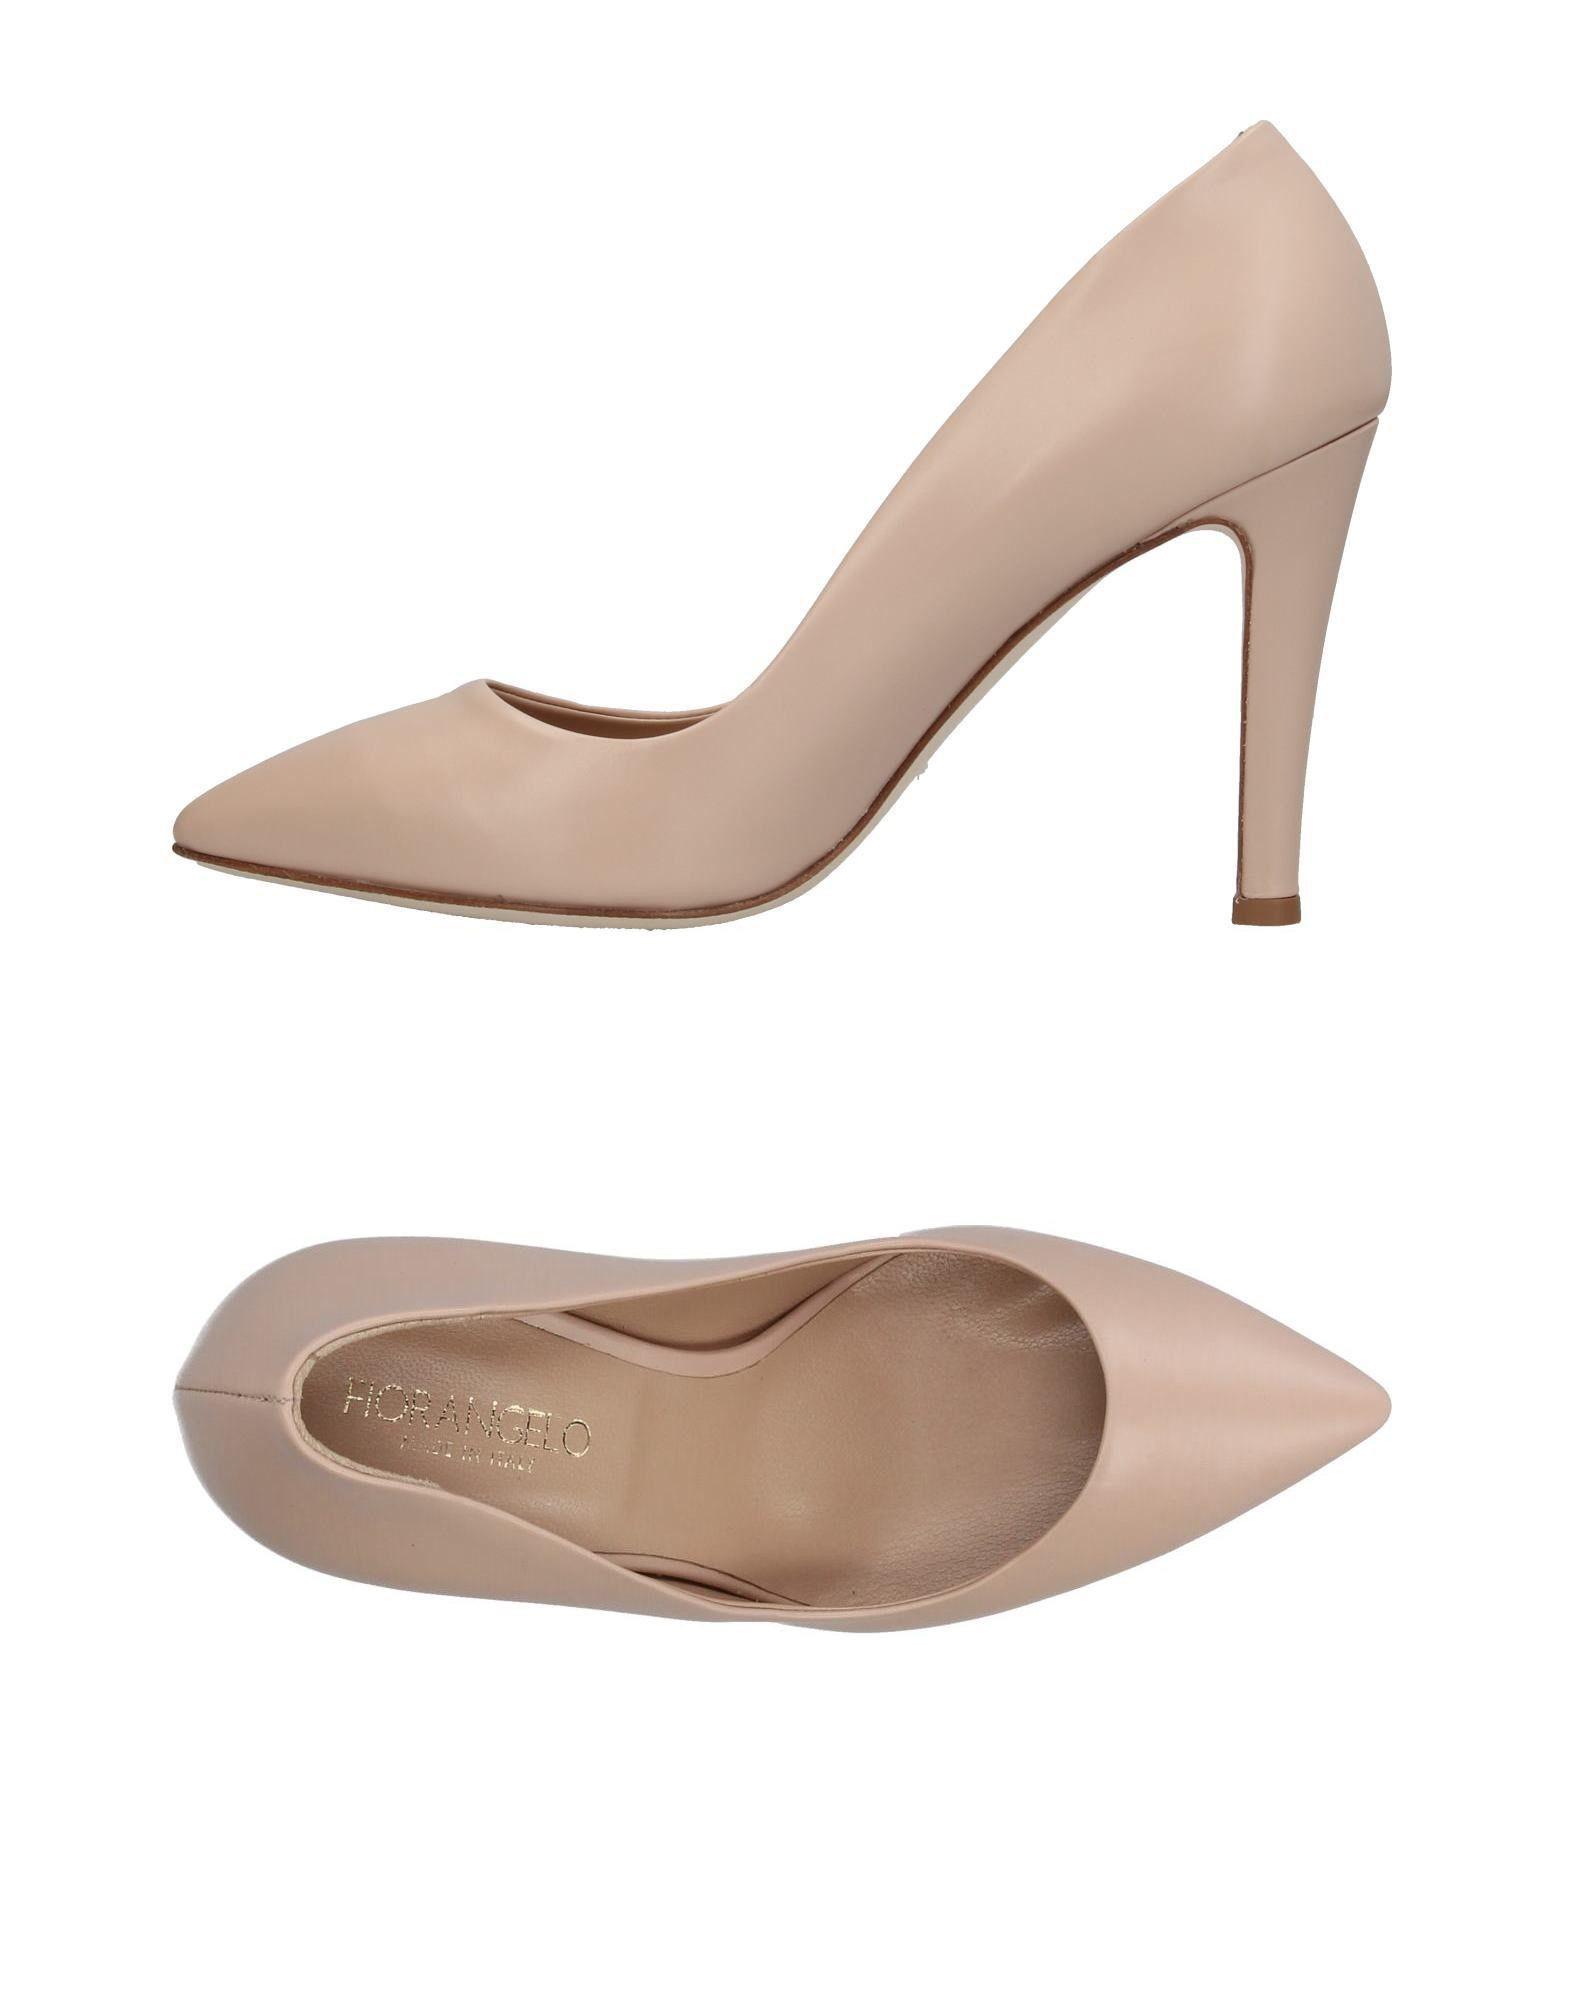 Fiorangelo Qualität Pumps Damen  11378367LP Gute Qualität Fiorangelo beliebte Schuhe 4fc494